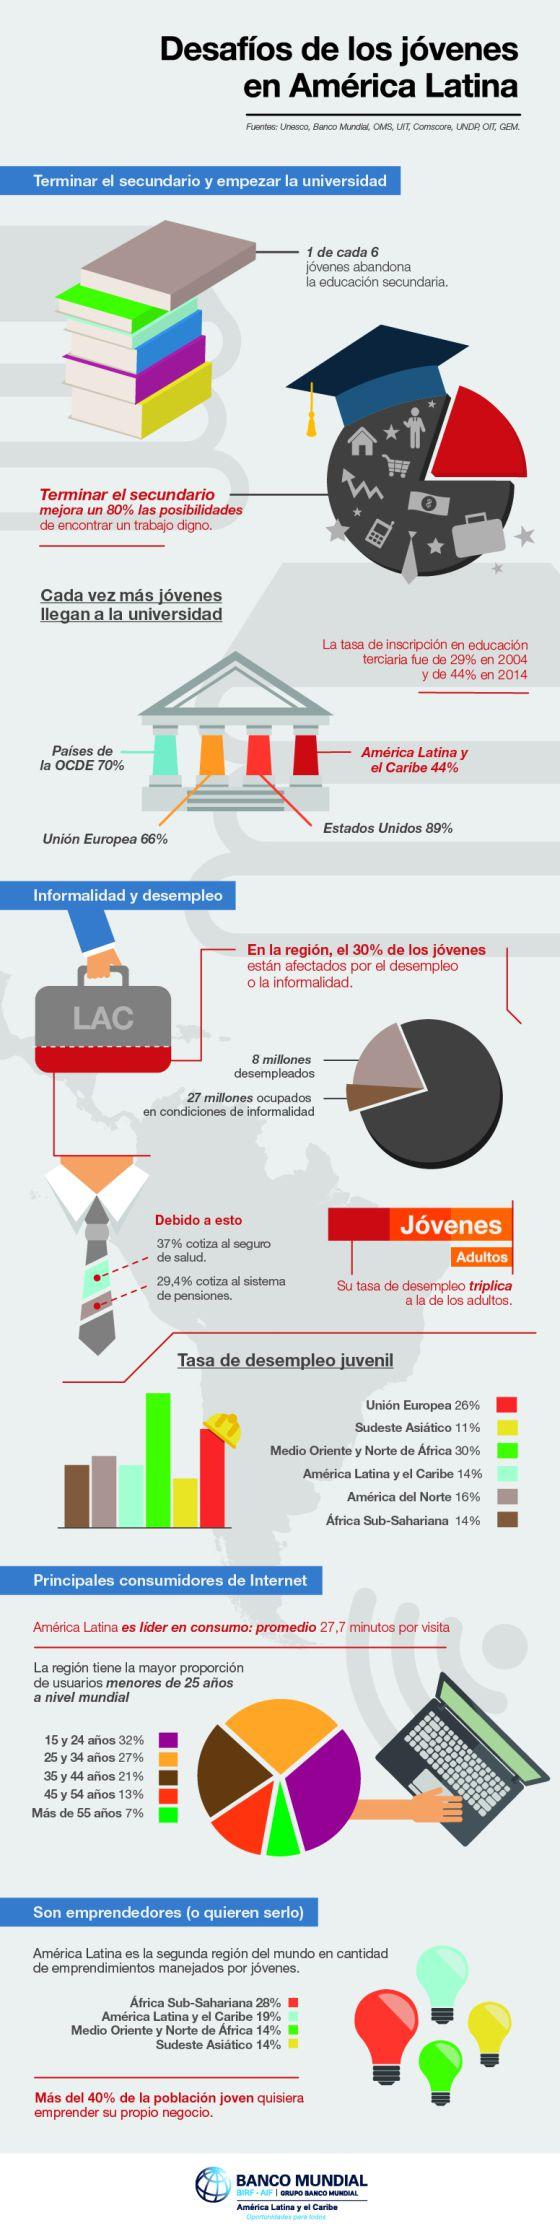 Desafíos de los jóvenes en América Latina